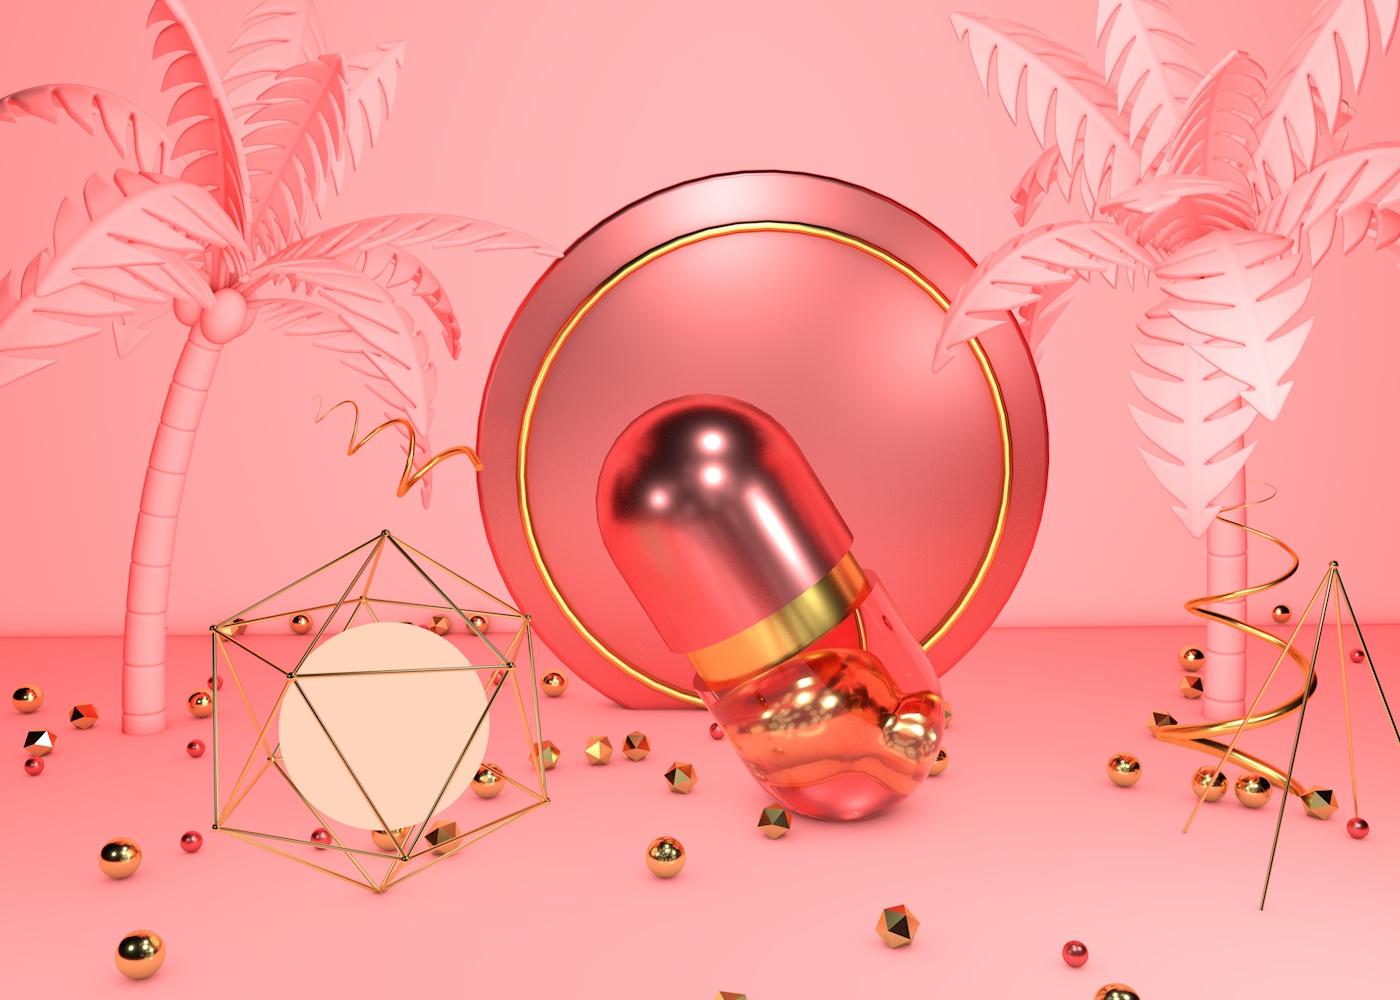 C4D模型时尚金色珊瑚红创意几何展台009.jpg